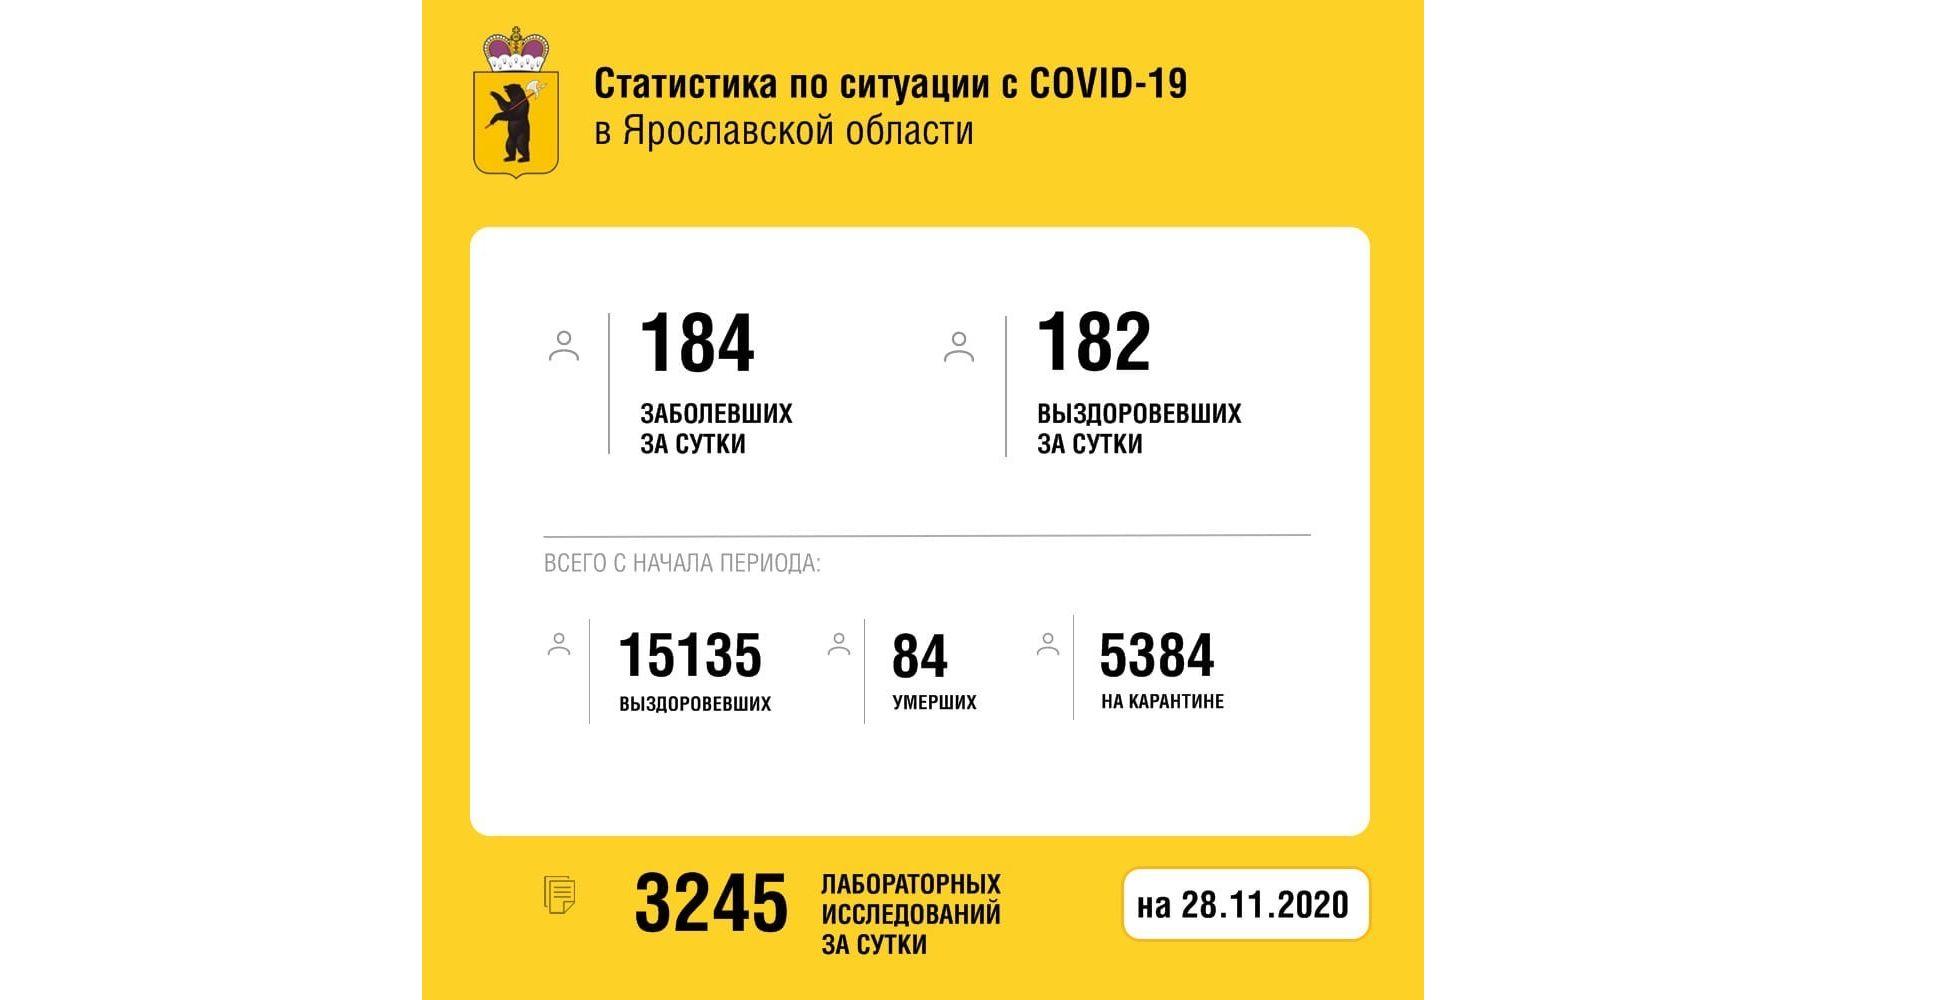 Еще 182 жителя Ярославской области выздоровели после коронавируса, один человек скончался